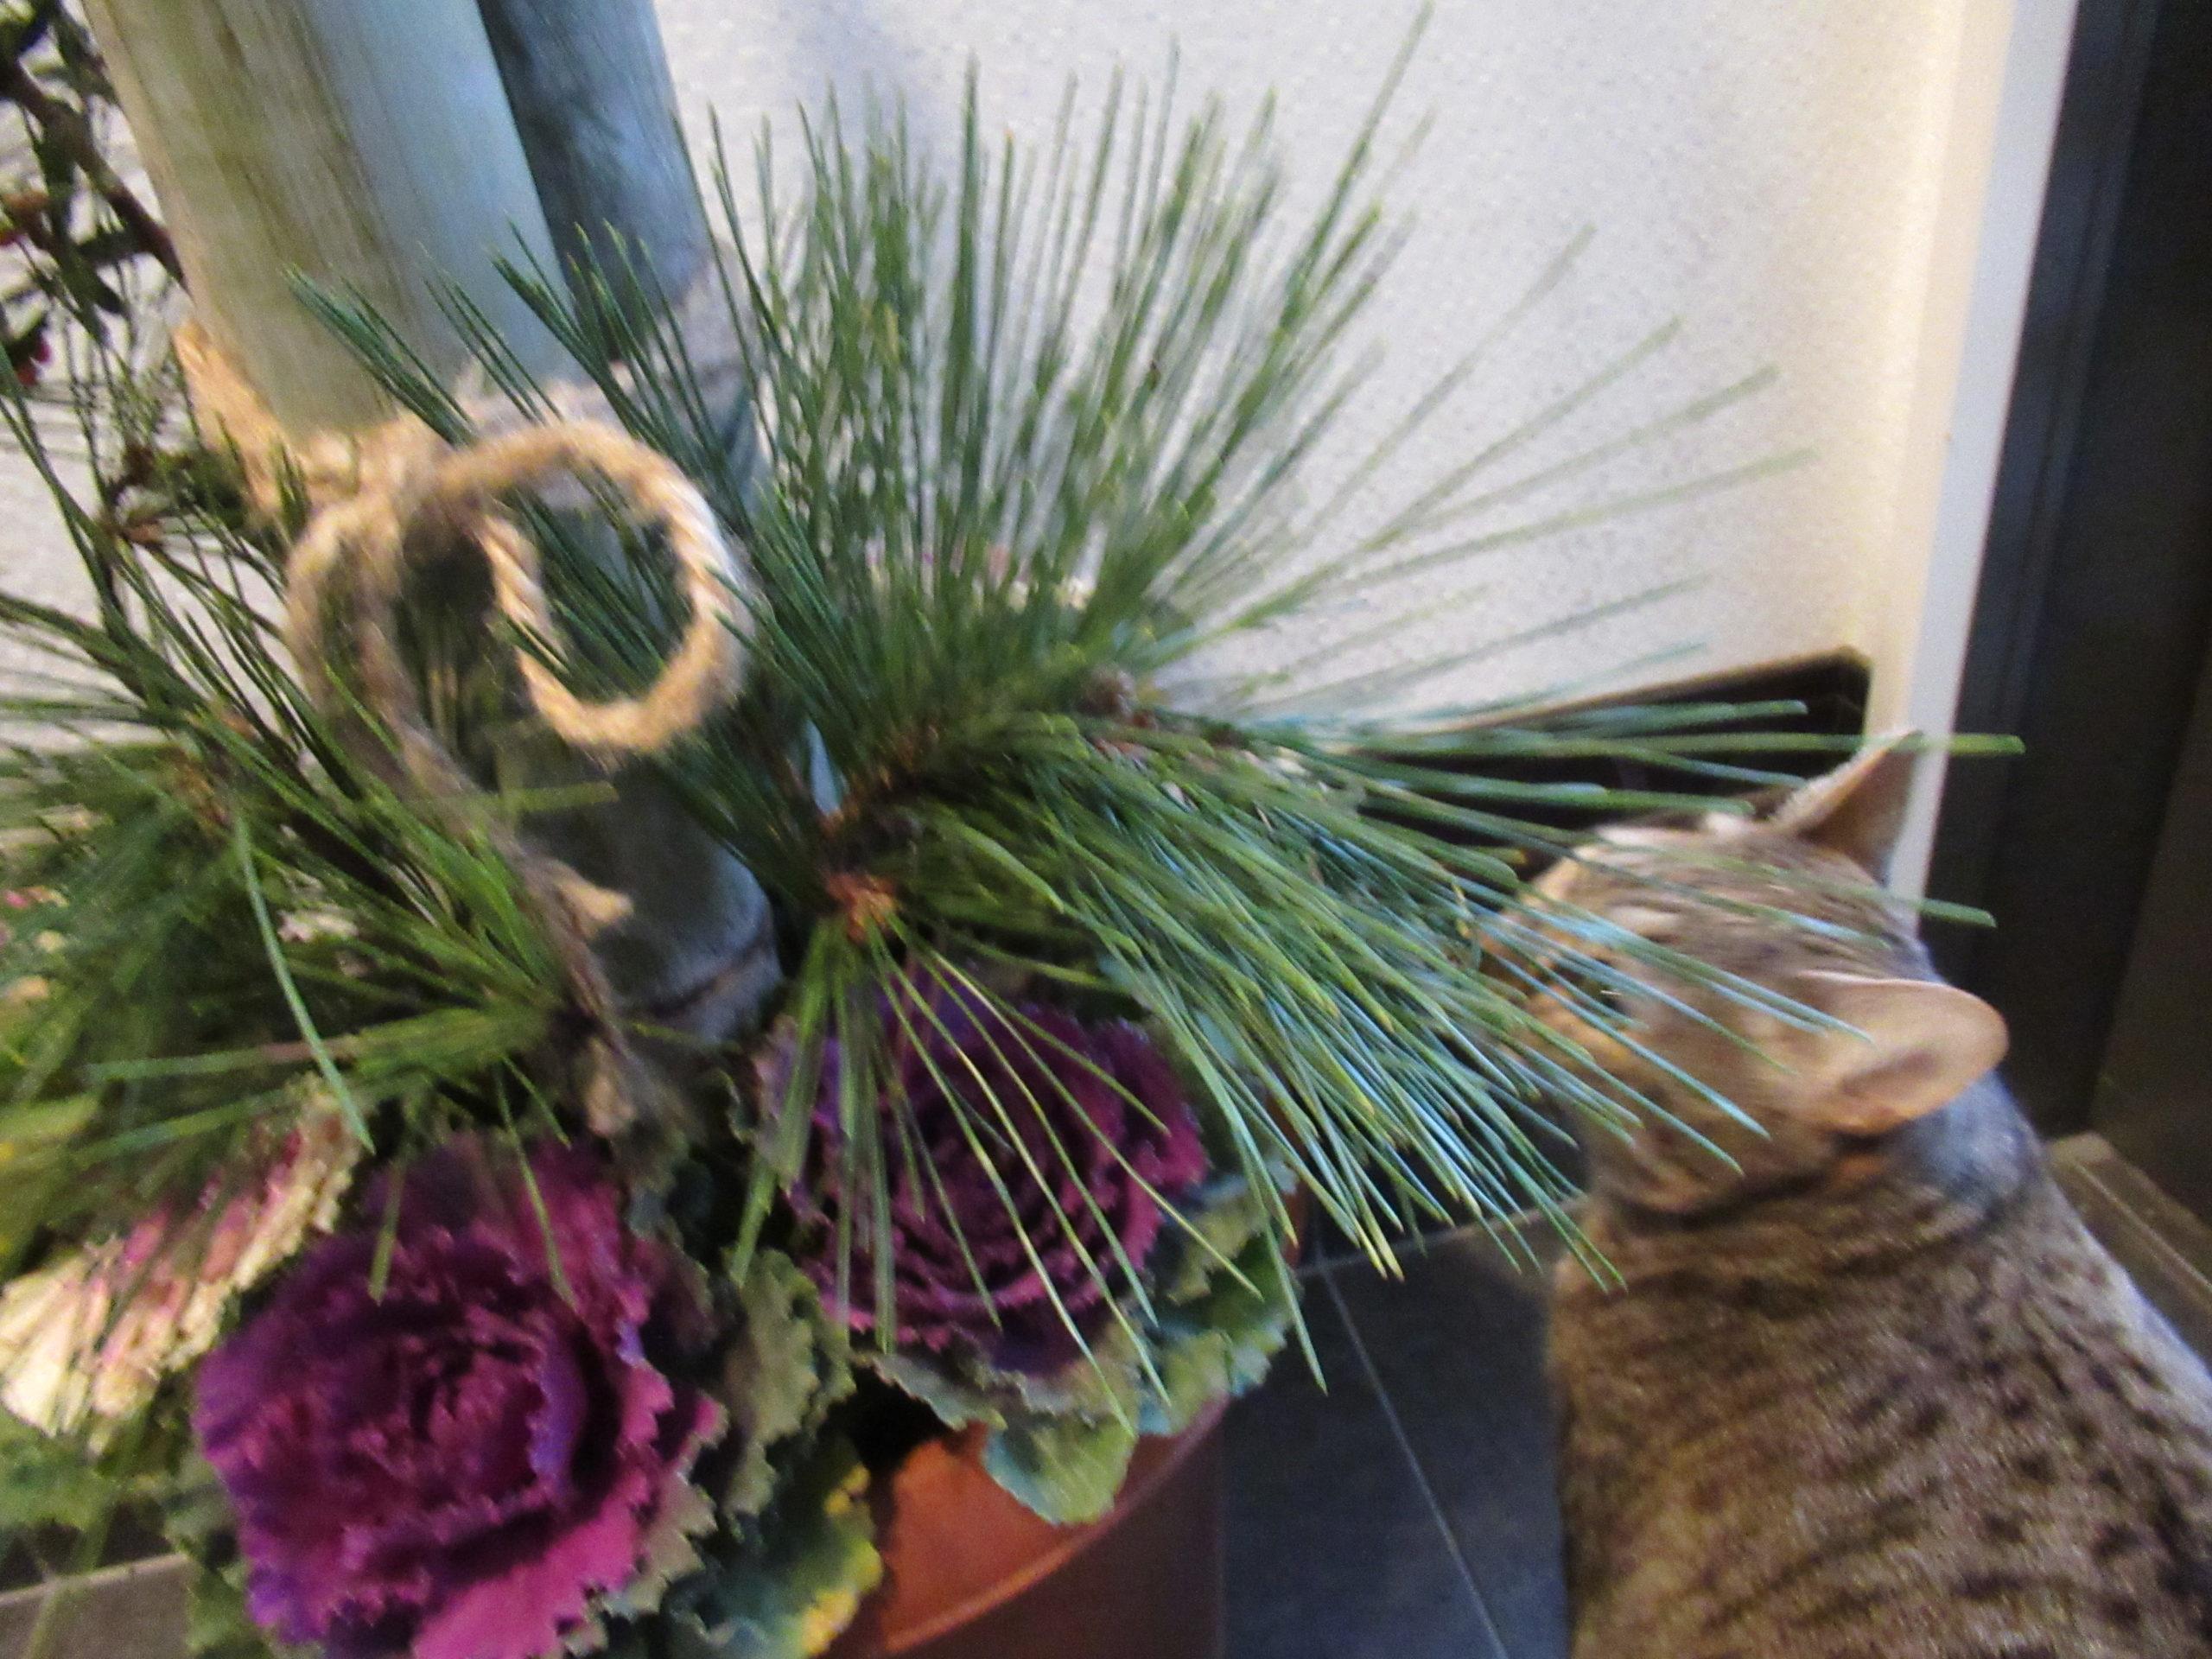 「門松」の簡単な作り方!子どもと一緒に楽しく正月準備|子育ては面白く